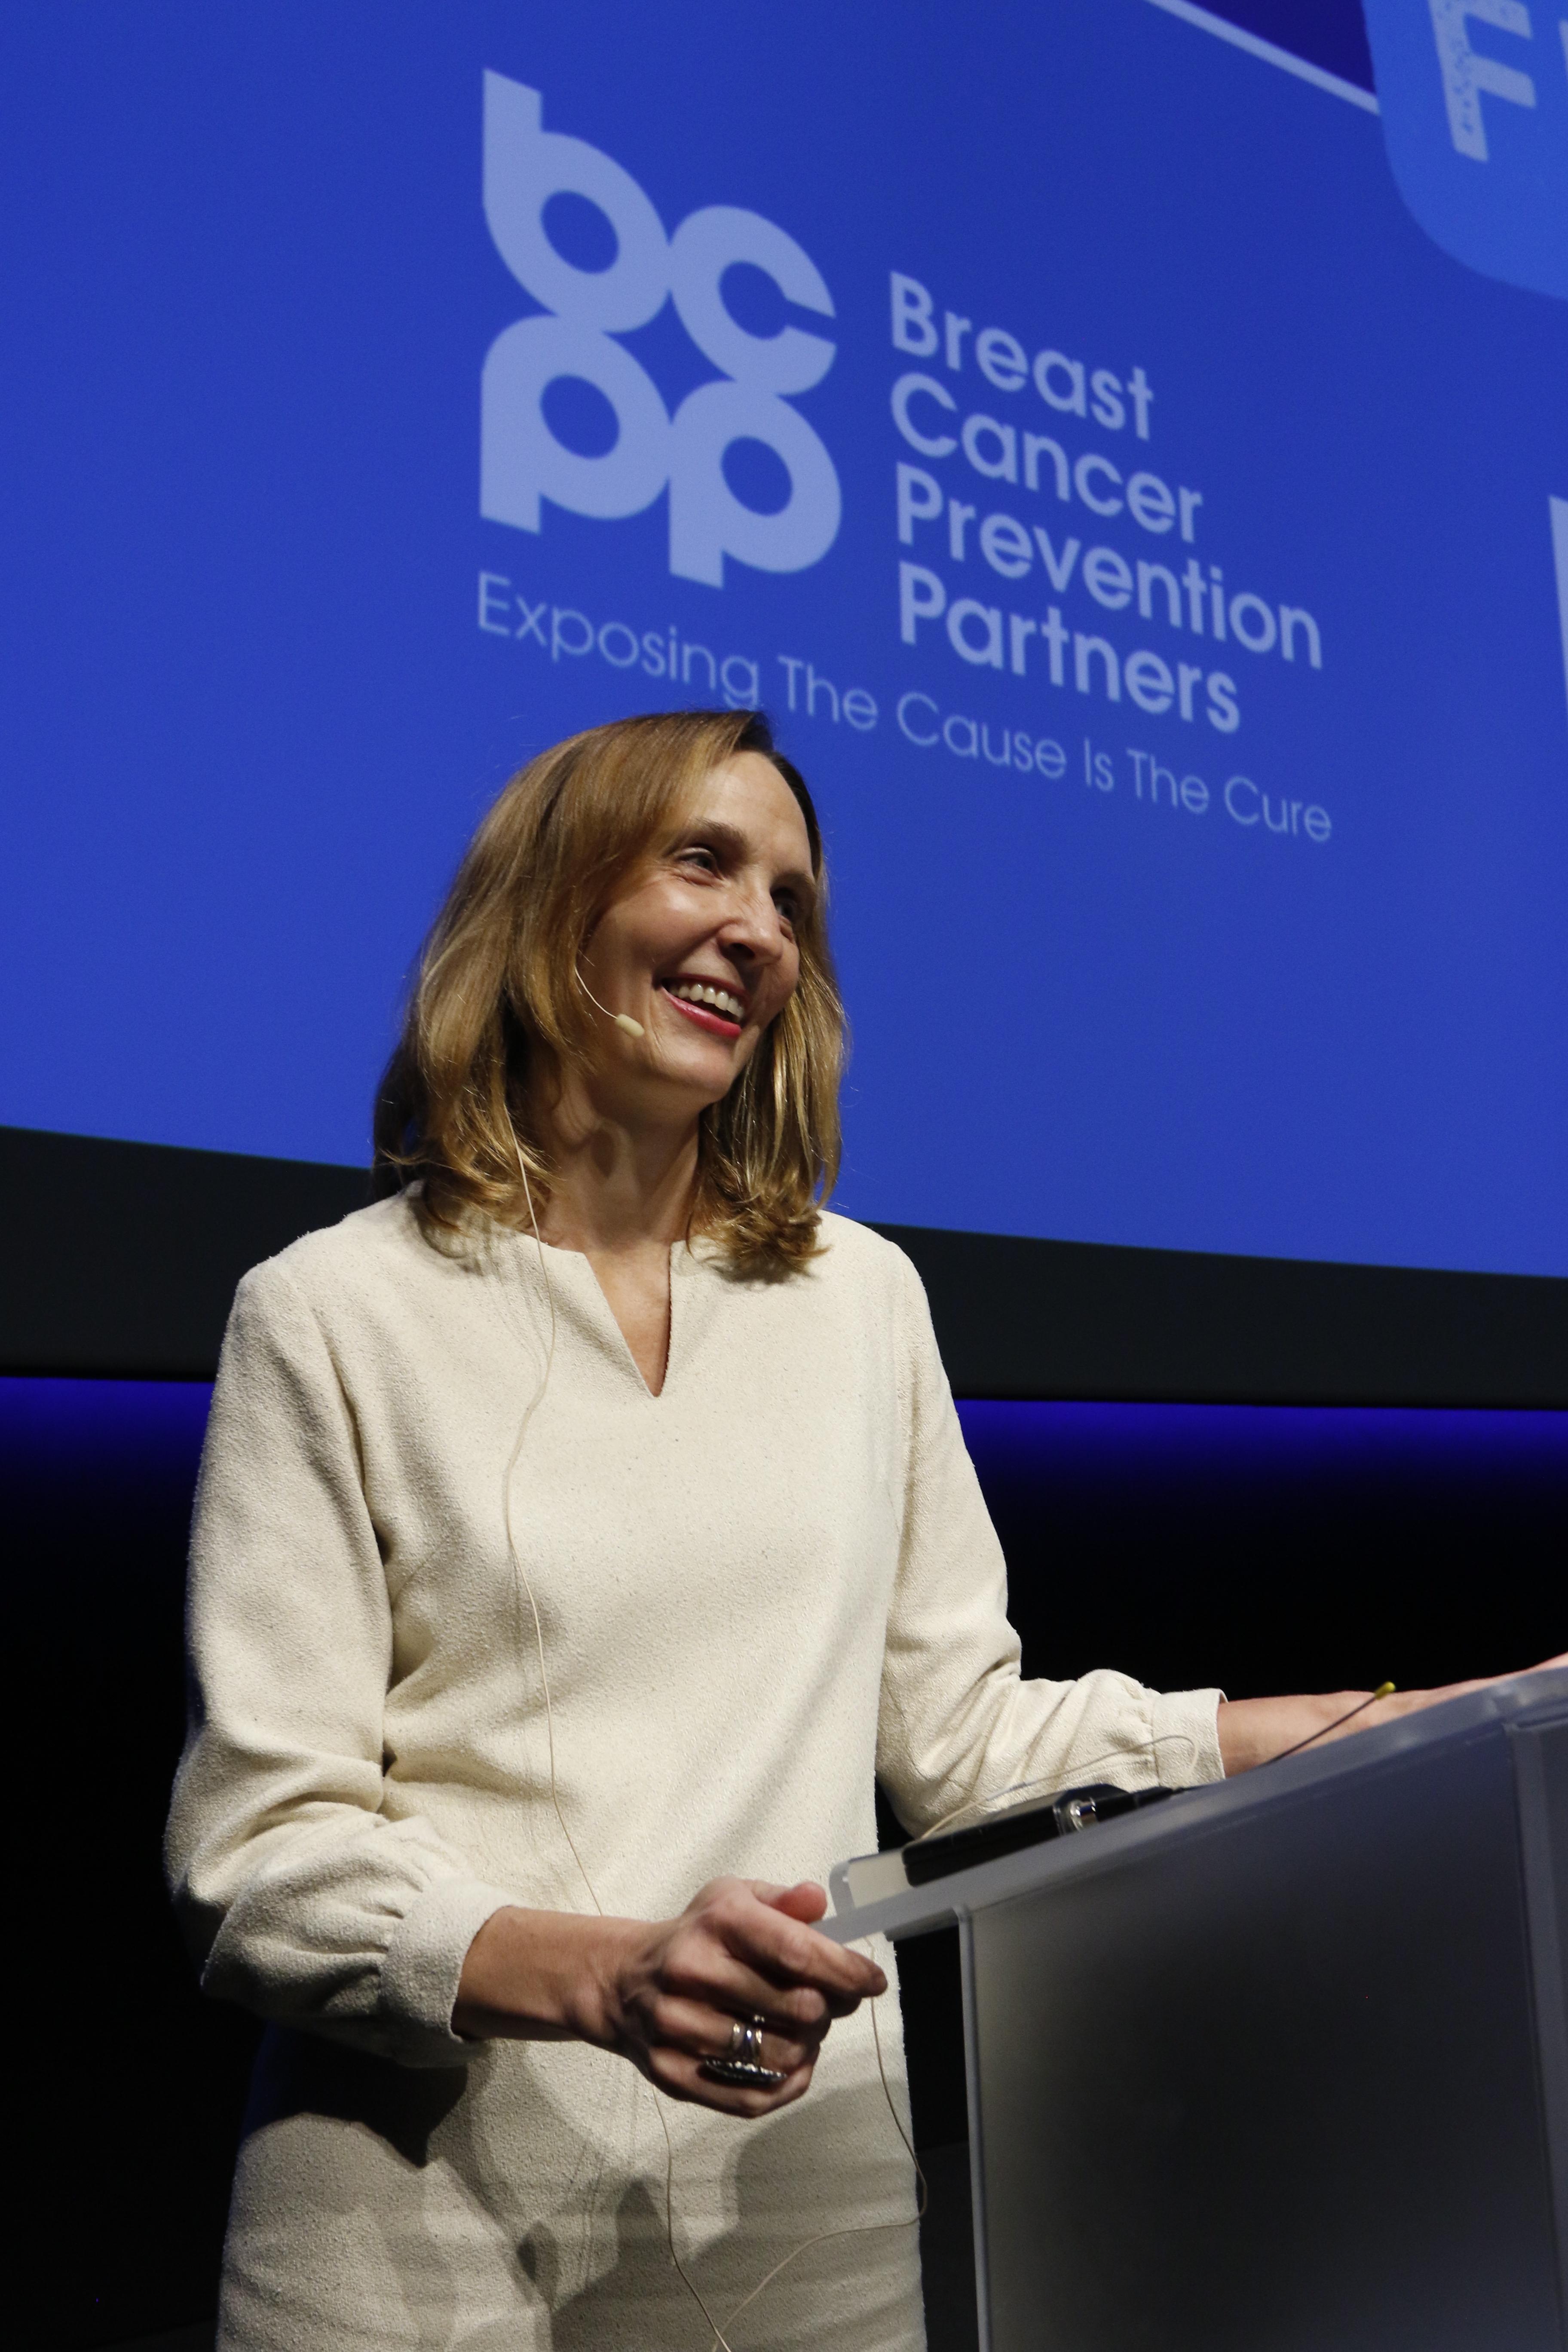 Breast Cancer Prevention Partners CEO Amanda Heier speaks at LUNAFEST